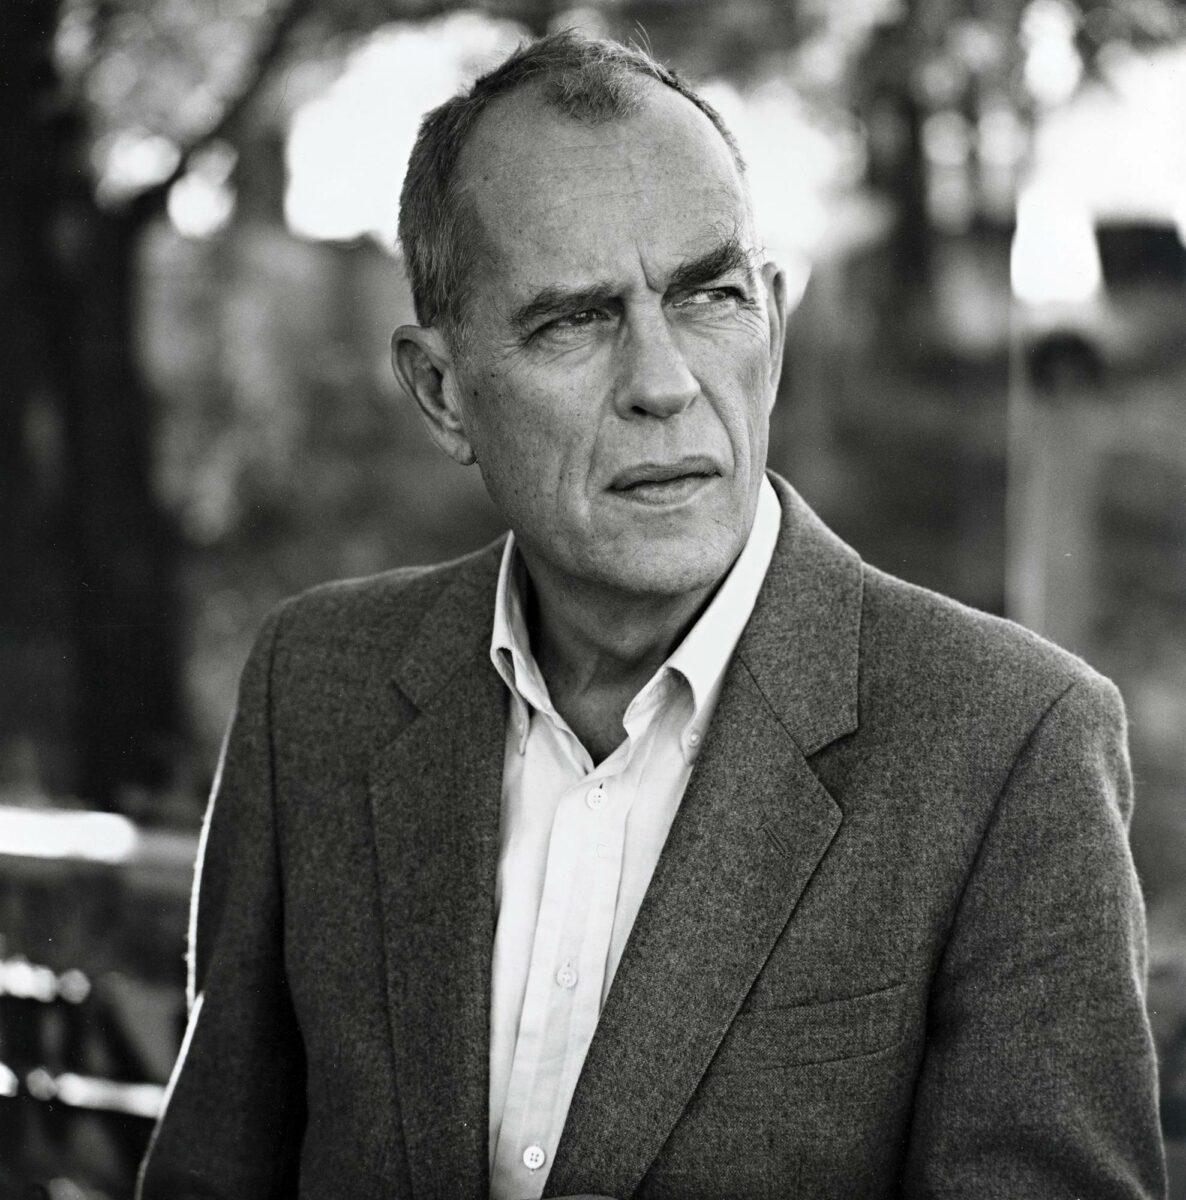 Kirjailija, elokuvaohjaaja ja poliitikko Jörn Donner kuoli tammikuussa 2020. Kuva vuodelta 1994.